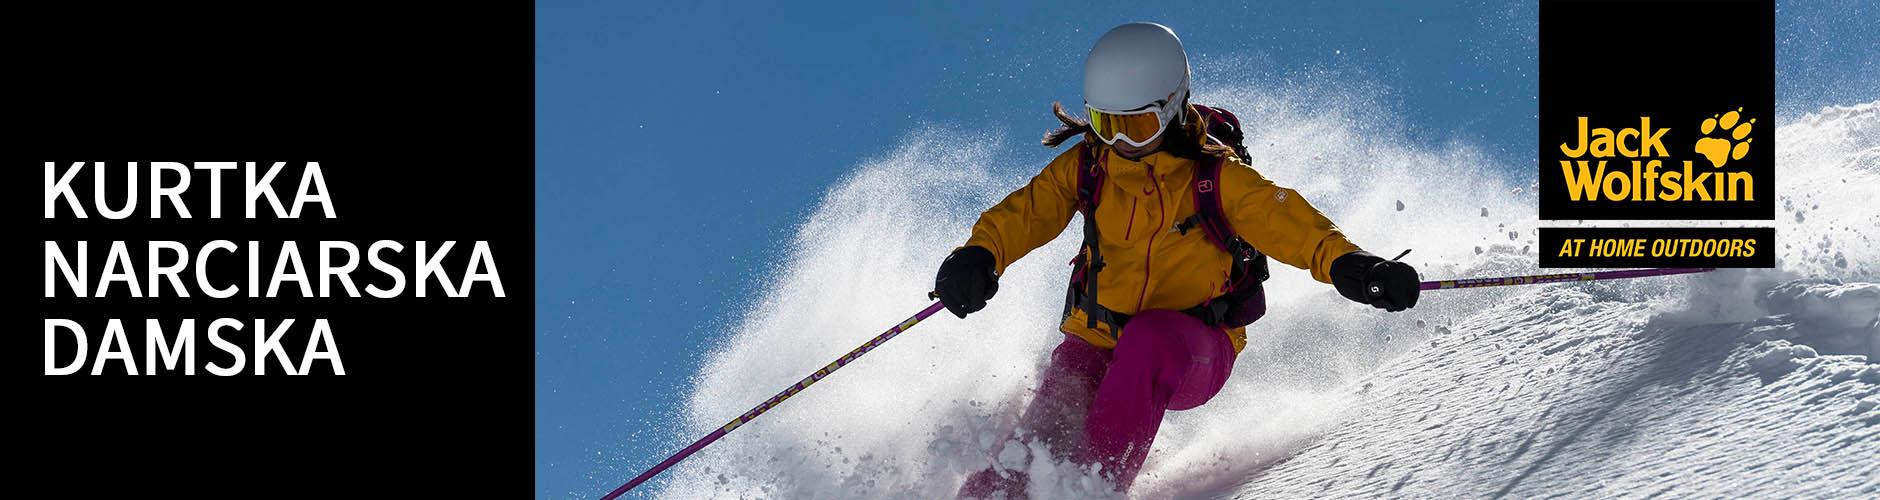 Kurtki narciarskie damskie Jack Wolfskin